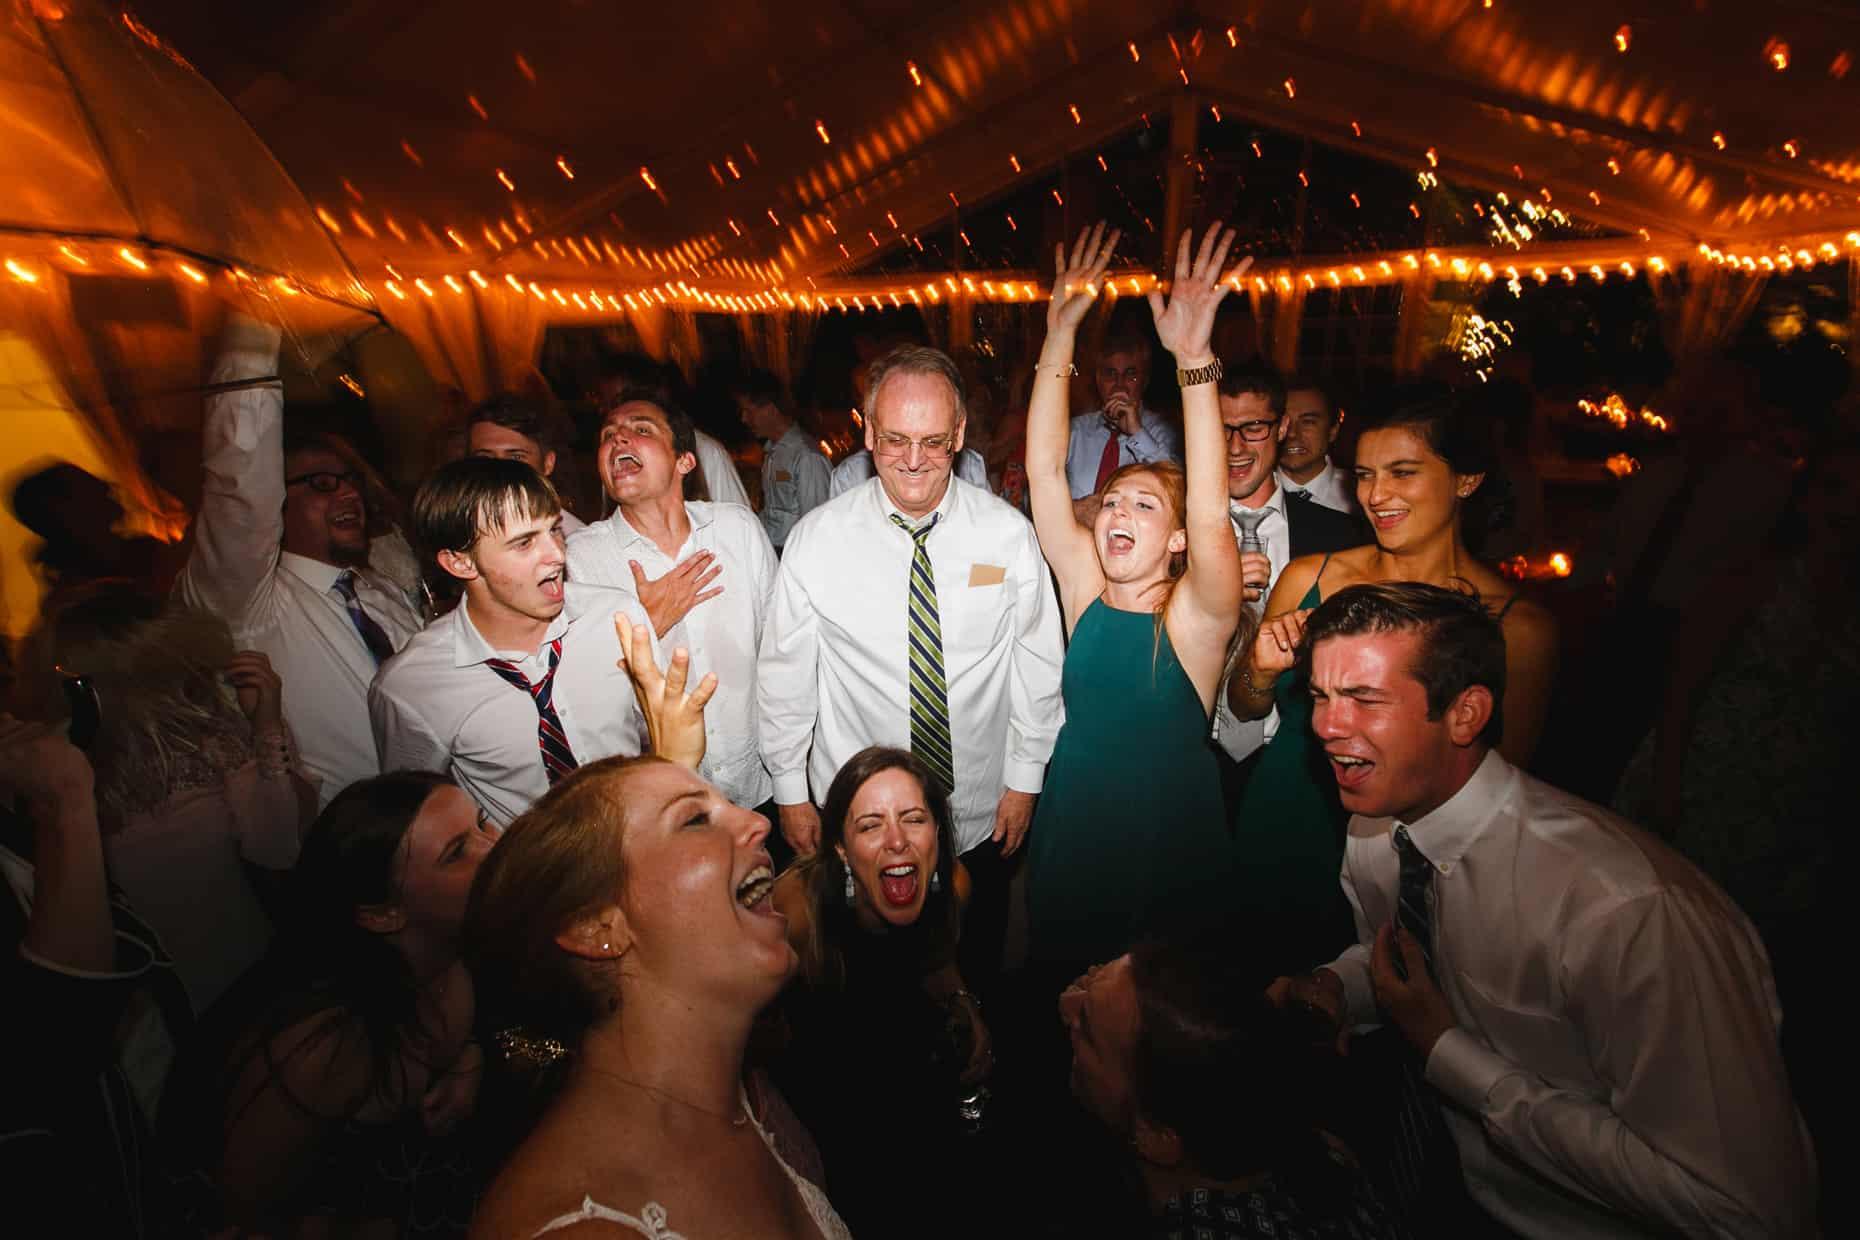 Philly Wedding Ceremony